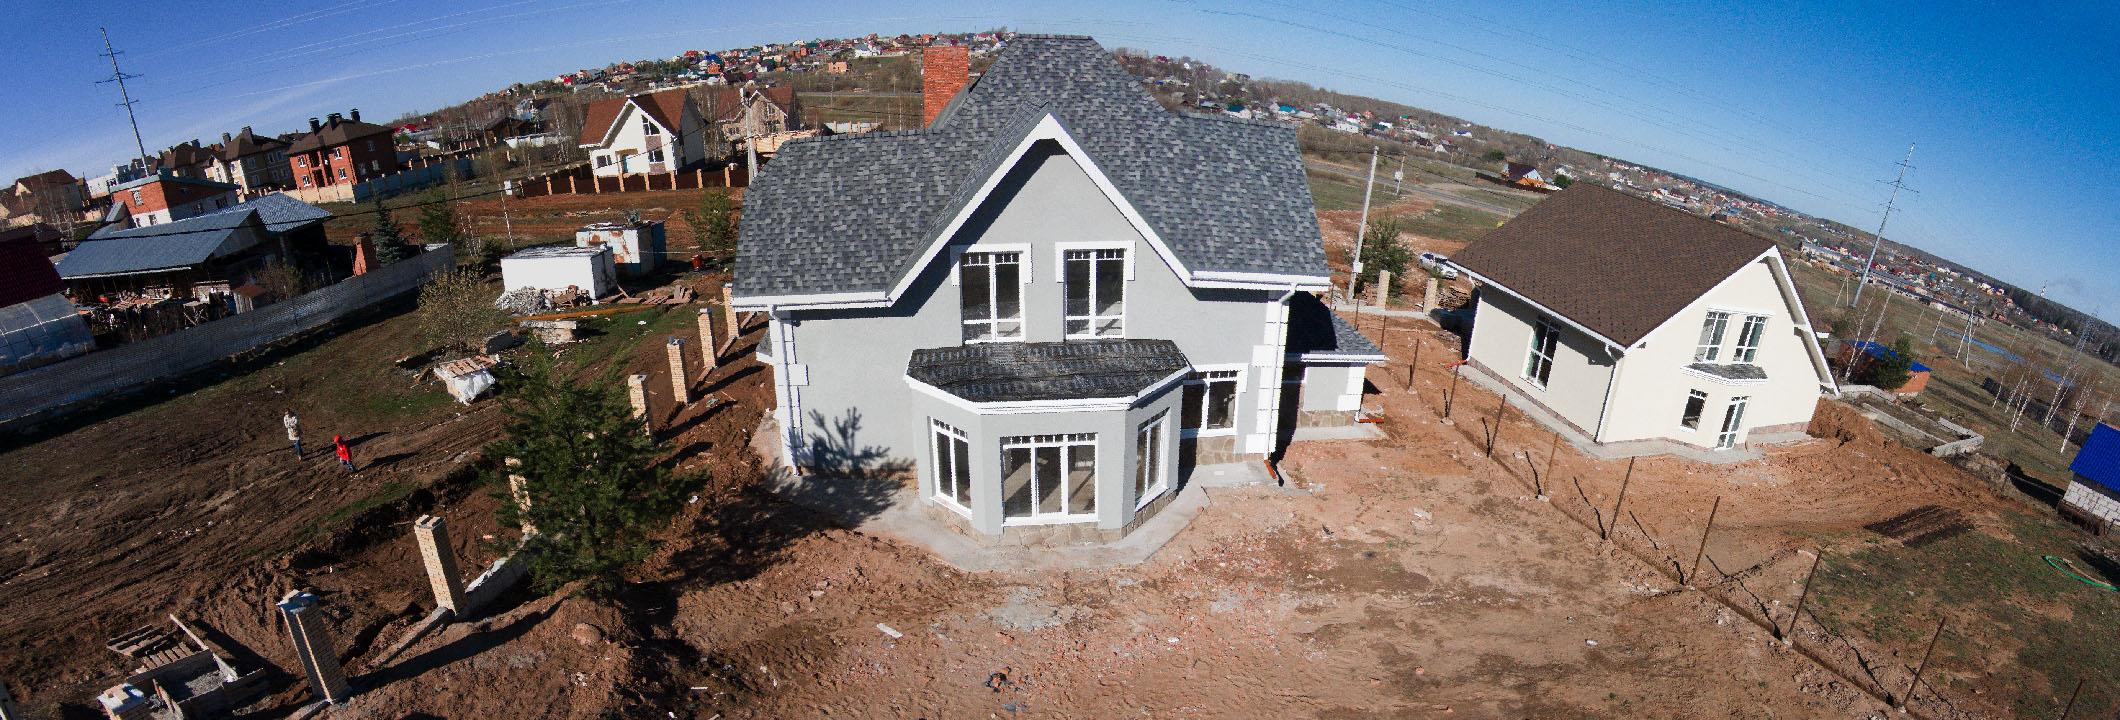 в таком виде мы купили дом весной 2014 года... с этого началась моя стройка... ;)